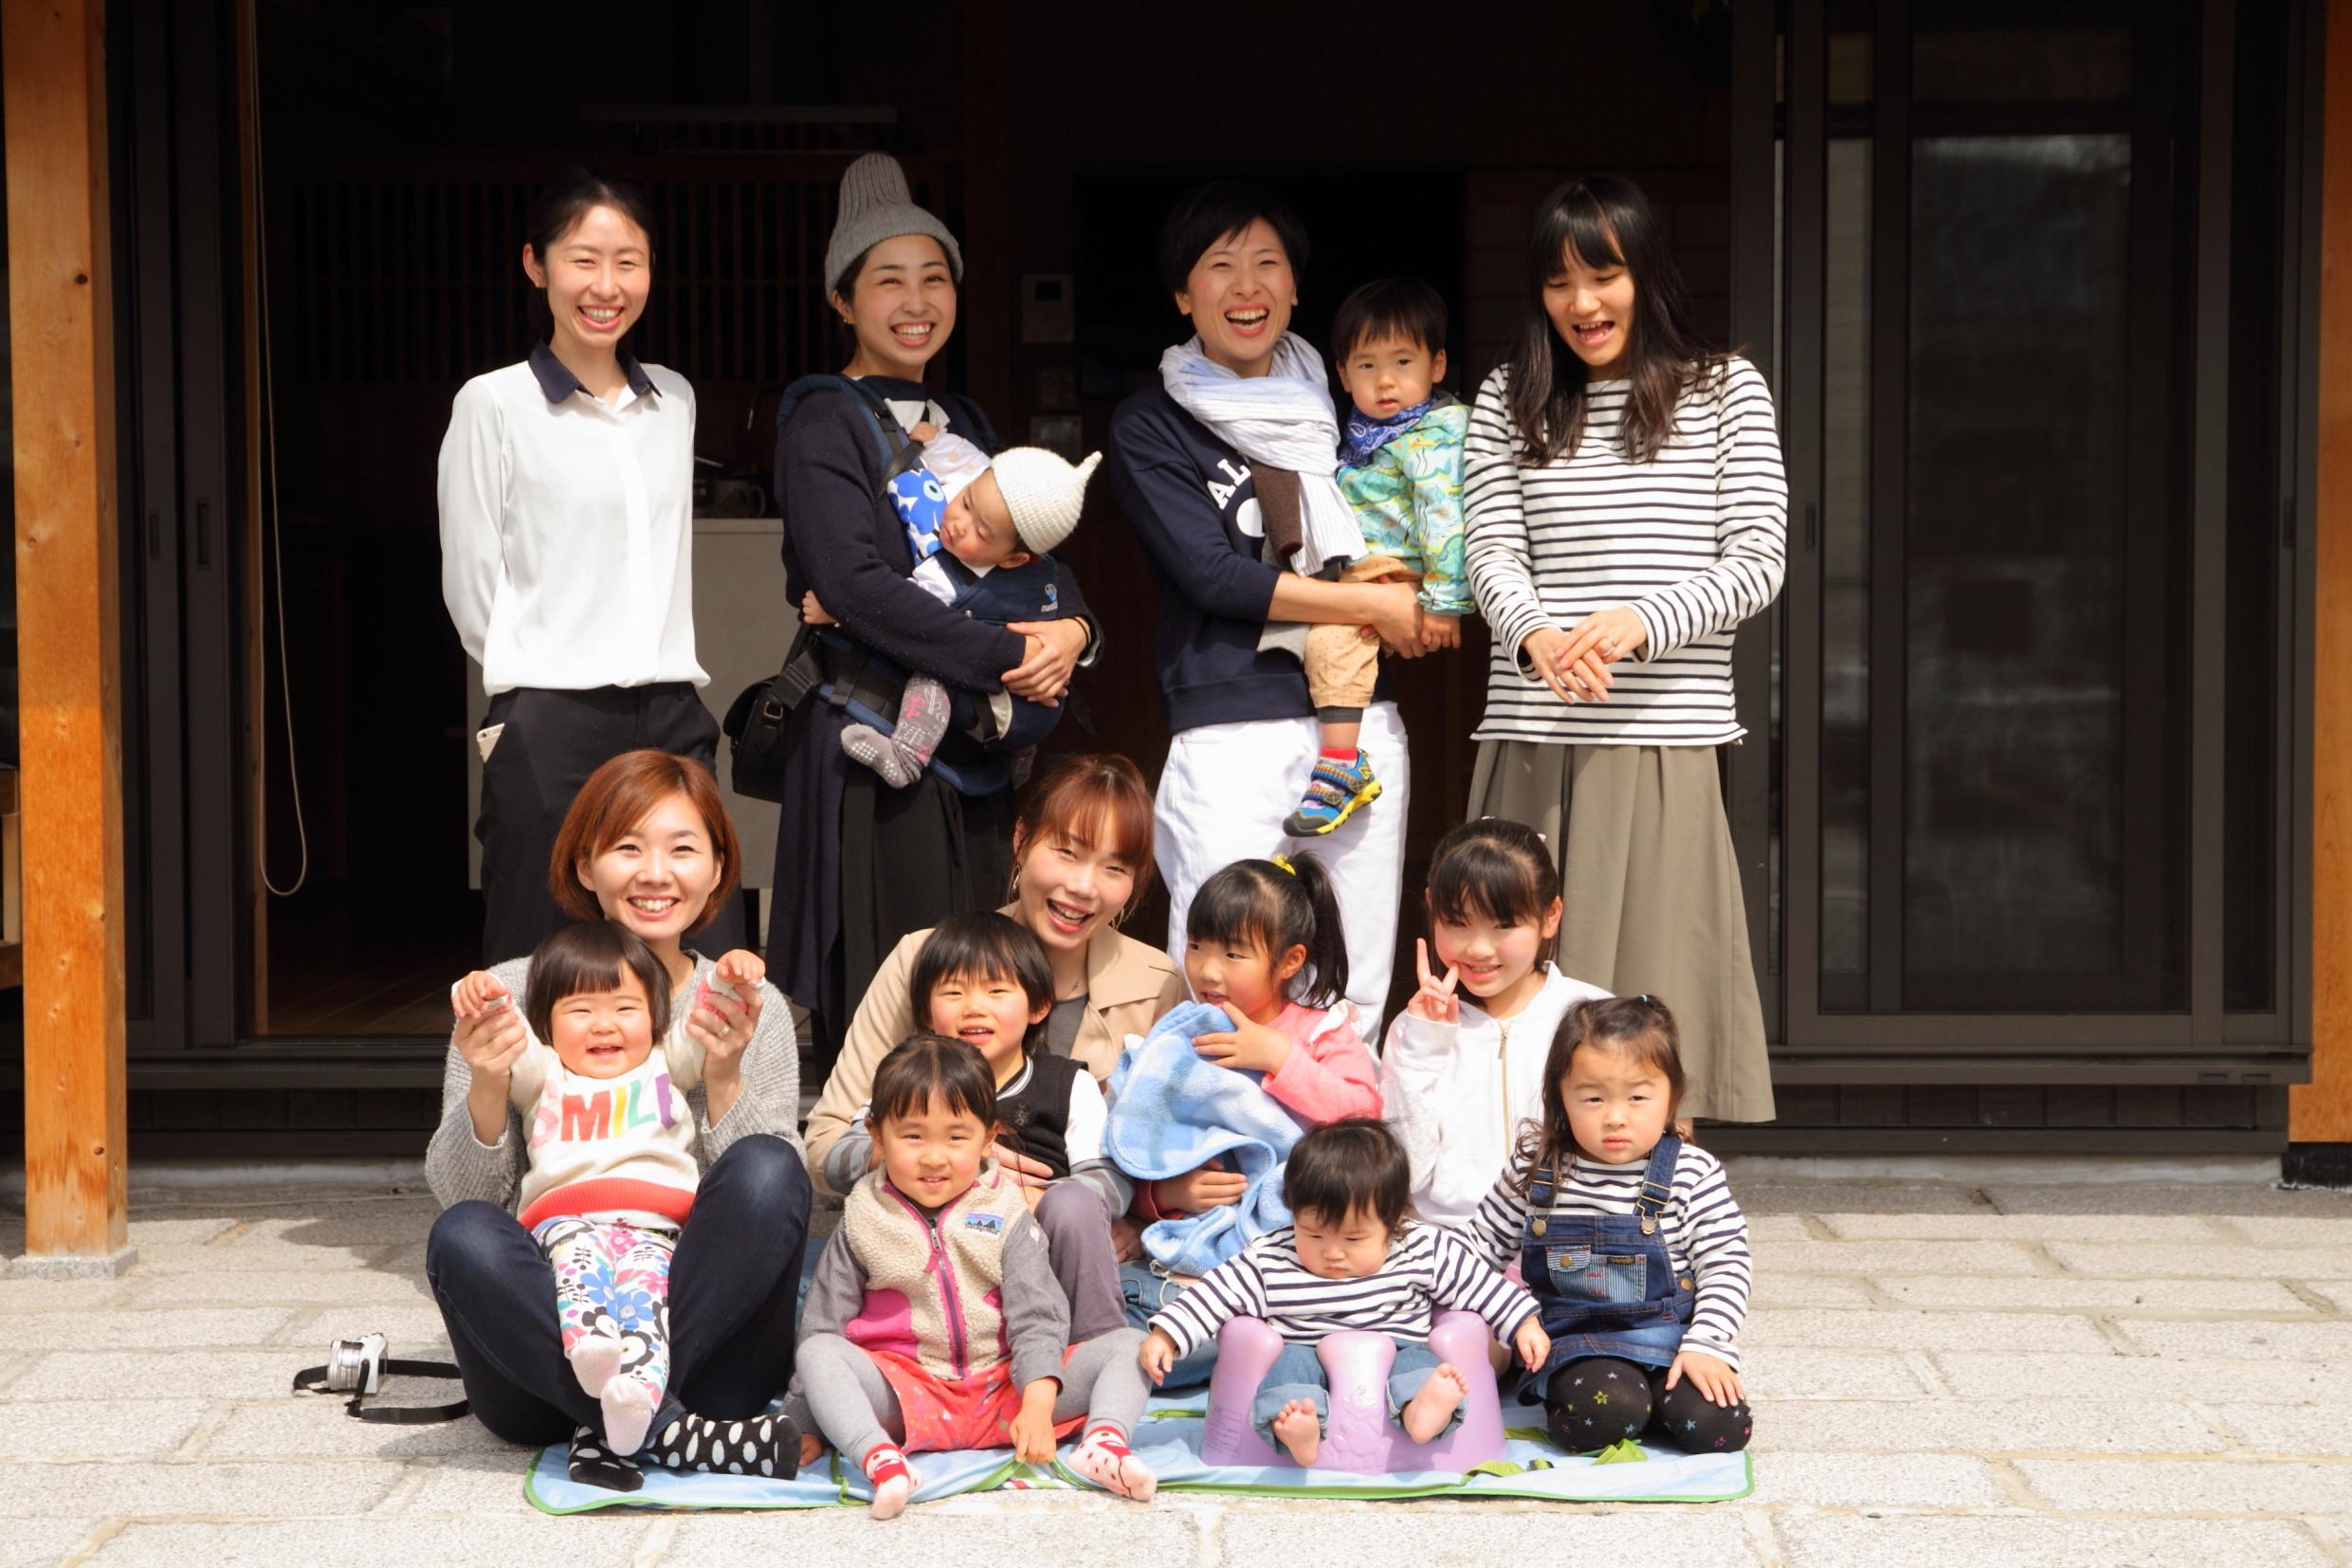 集合写真 家族写真 同窓会撮影 記念撮影 自宅で撮影